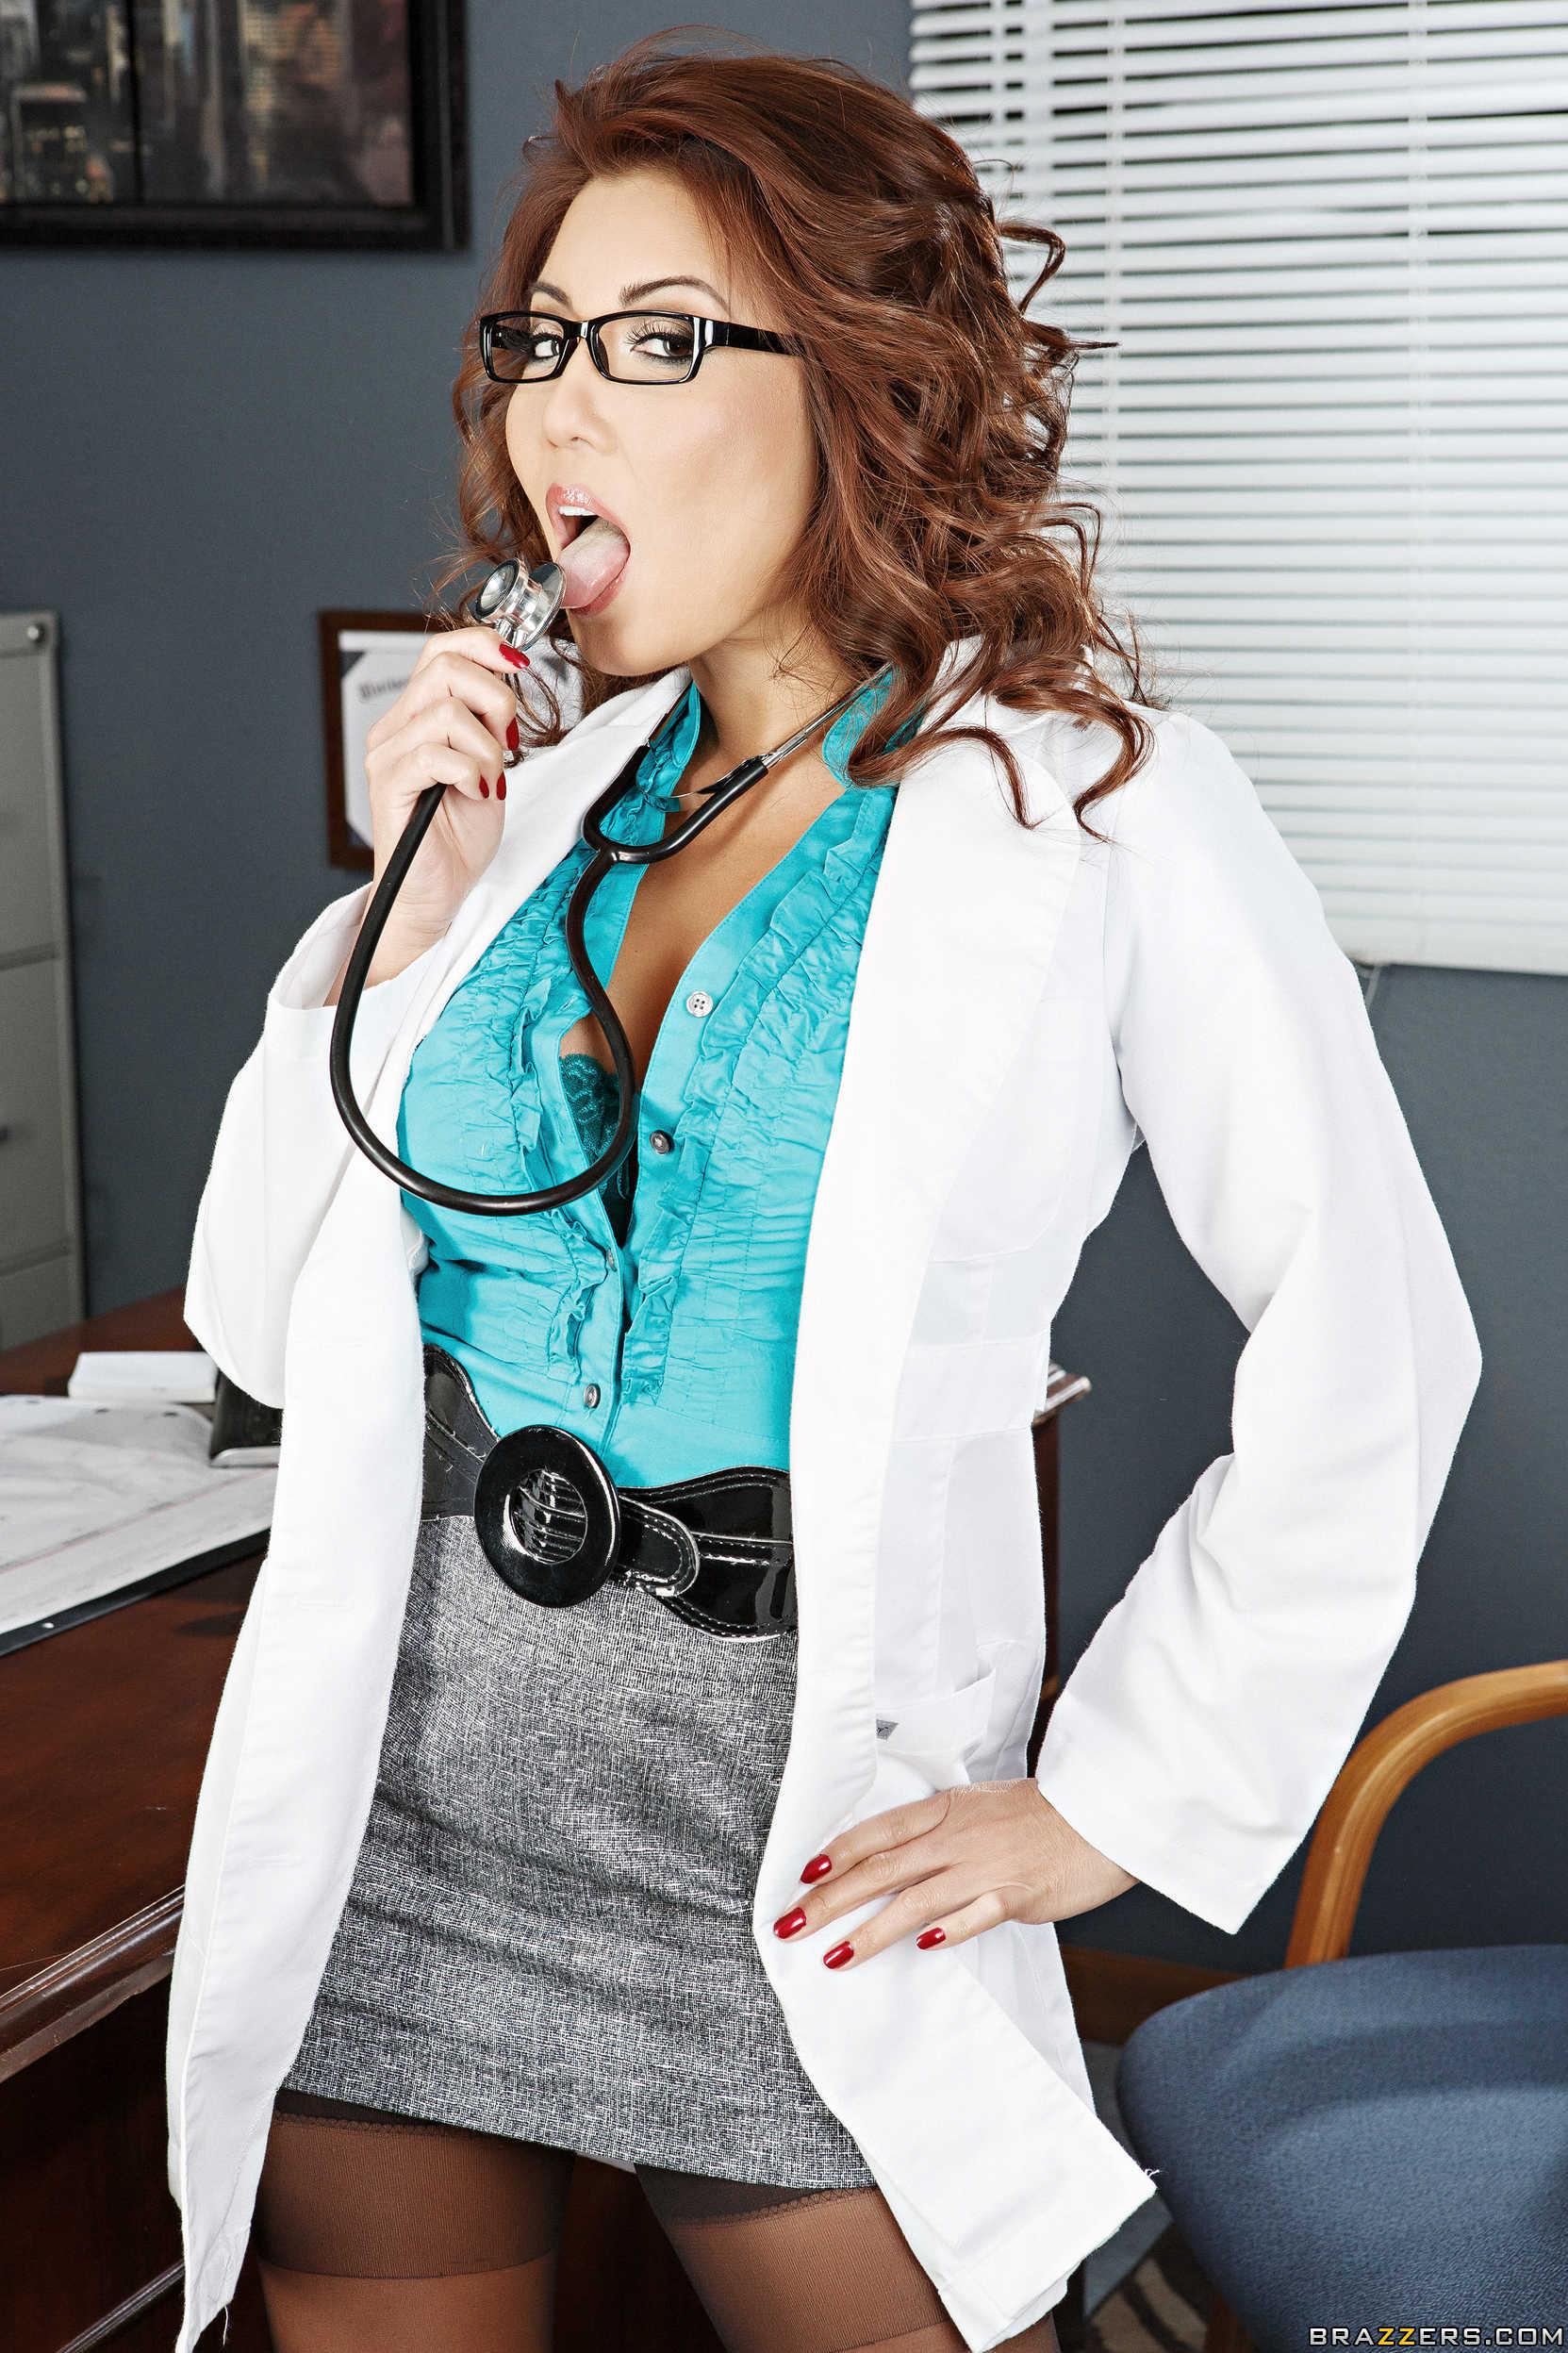 Audrey bitoni va al doctor